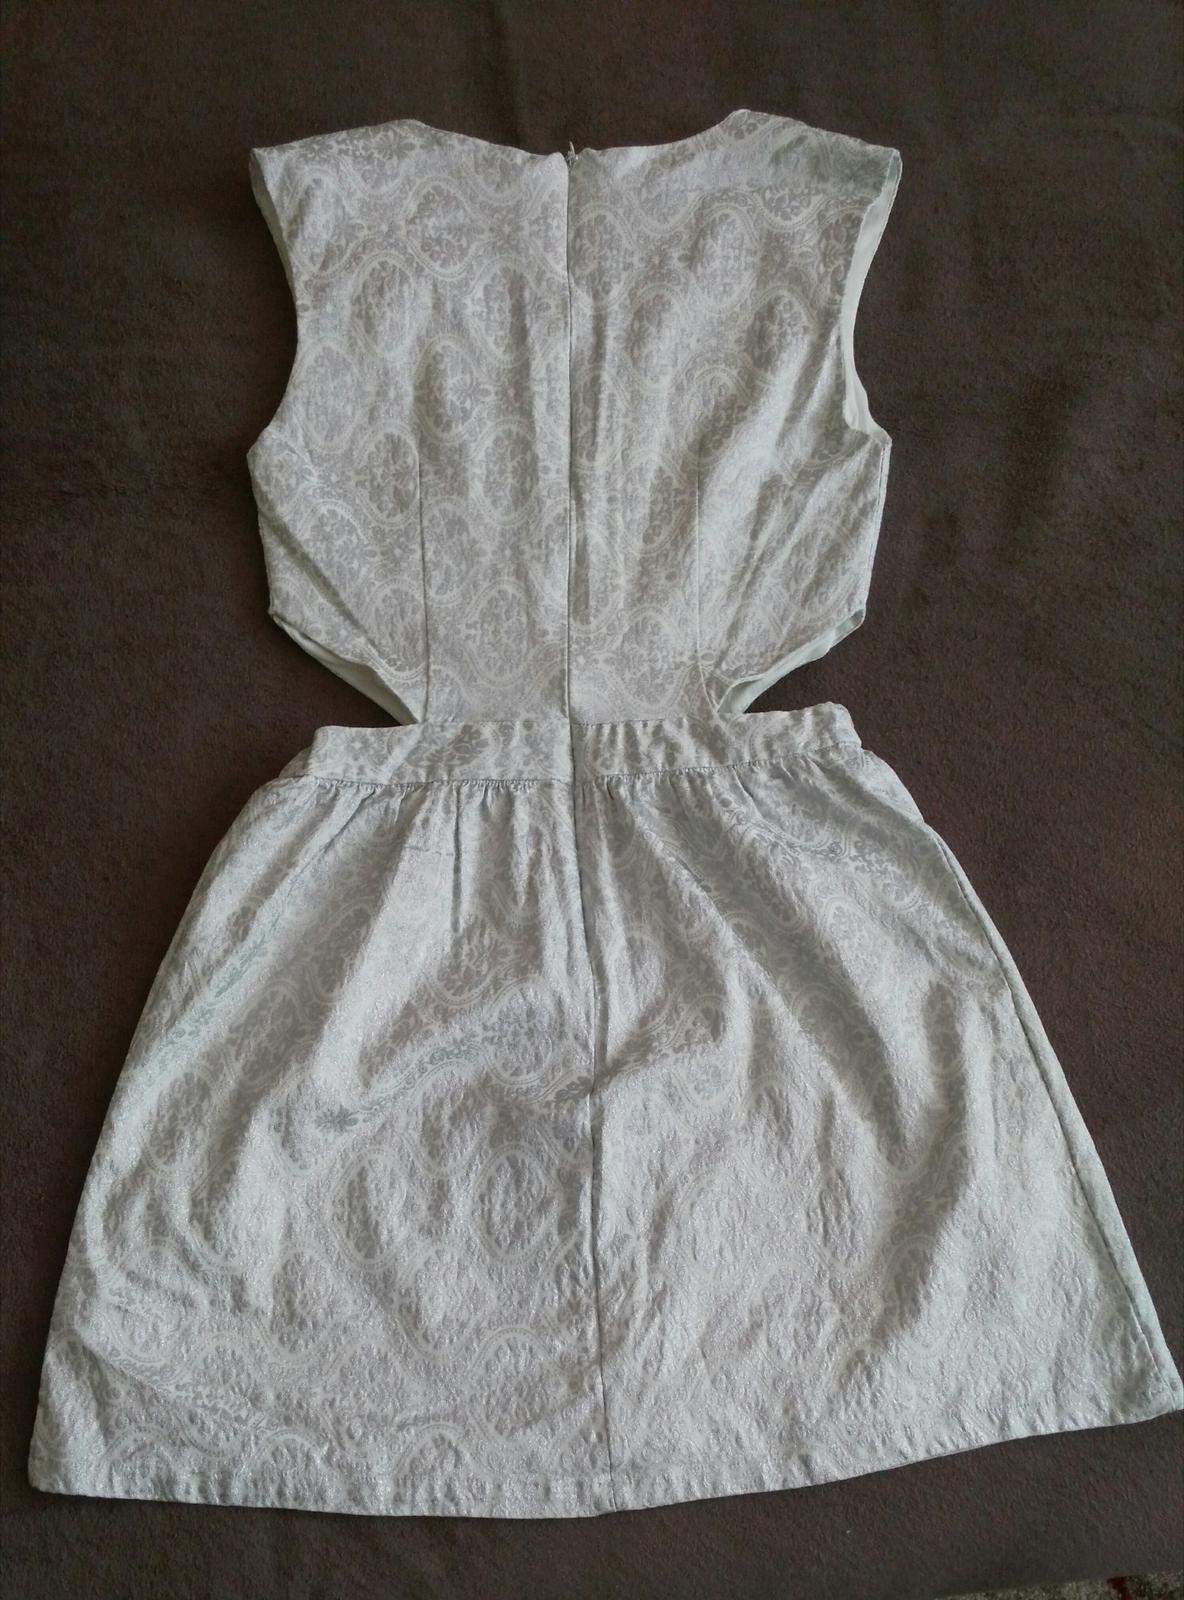 Strieborné sexi šaty 38/M - Obrázok č. 4